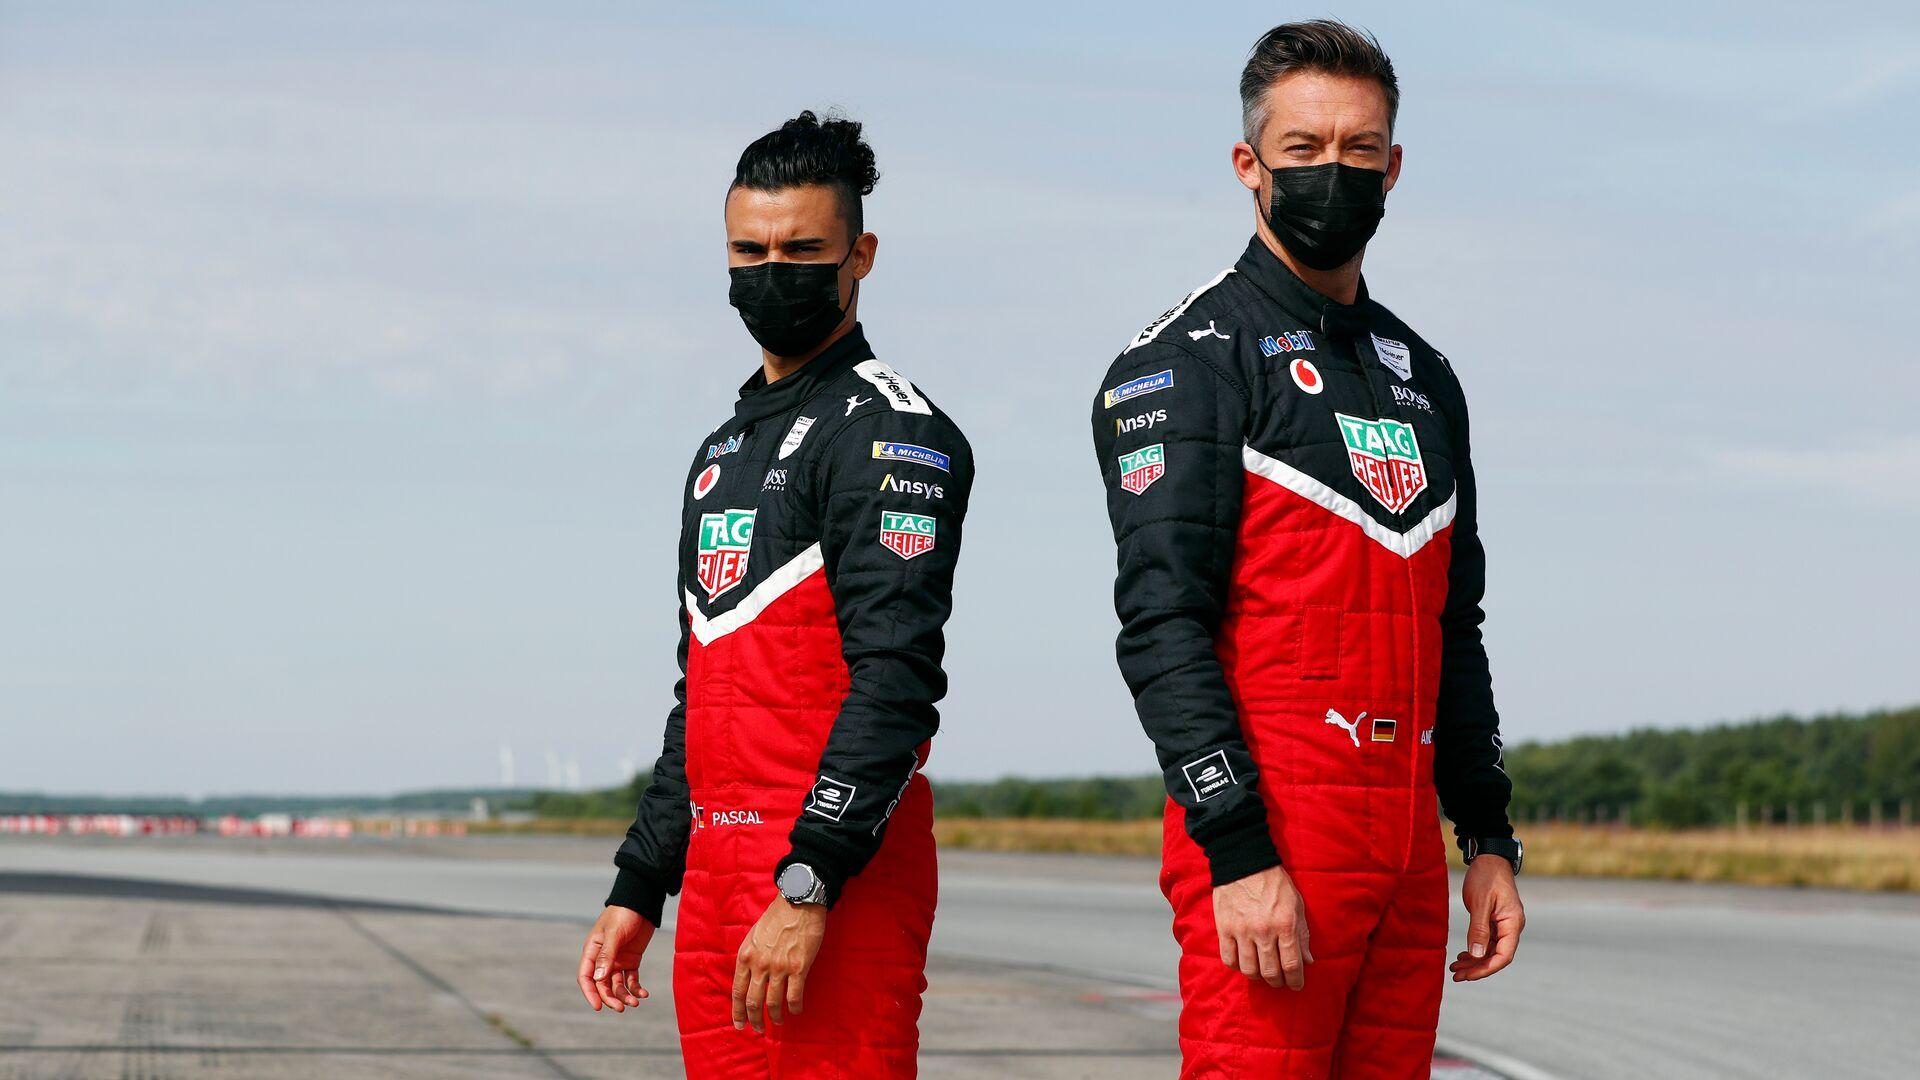 Die TAG Heuer Porsche-Werksfahrer Pascal Wehrlein und André Lotterer zur siebten Saison der ABB FIA Formel E.